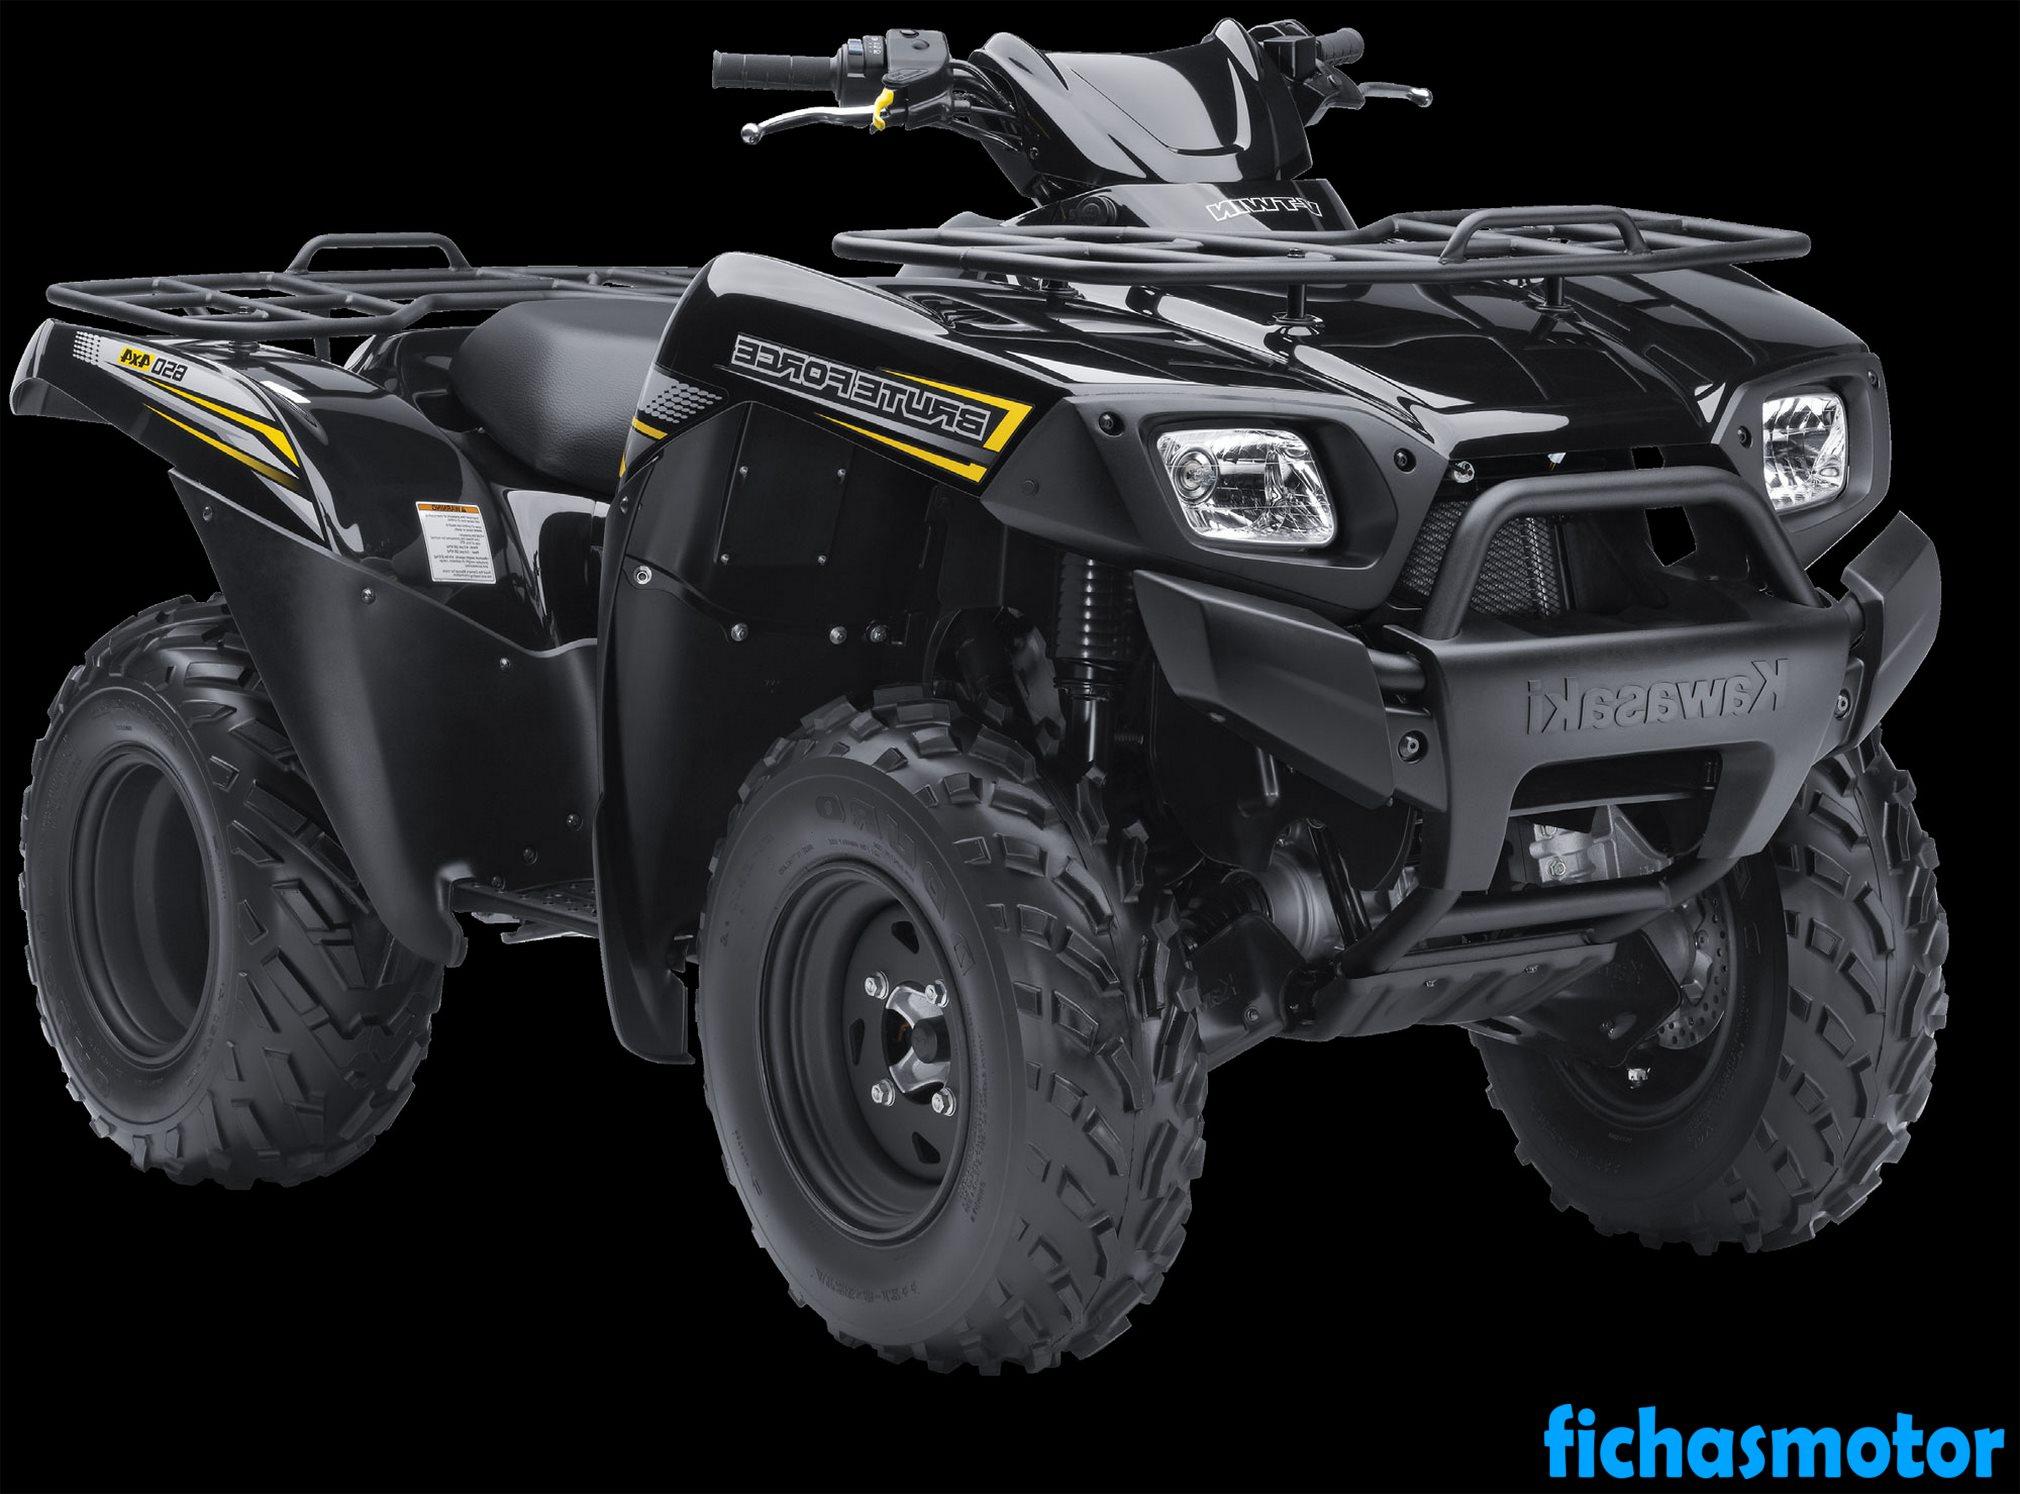 Ficha técnica Kawasaki brute force 650 4x4 2013